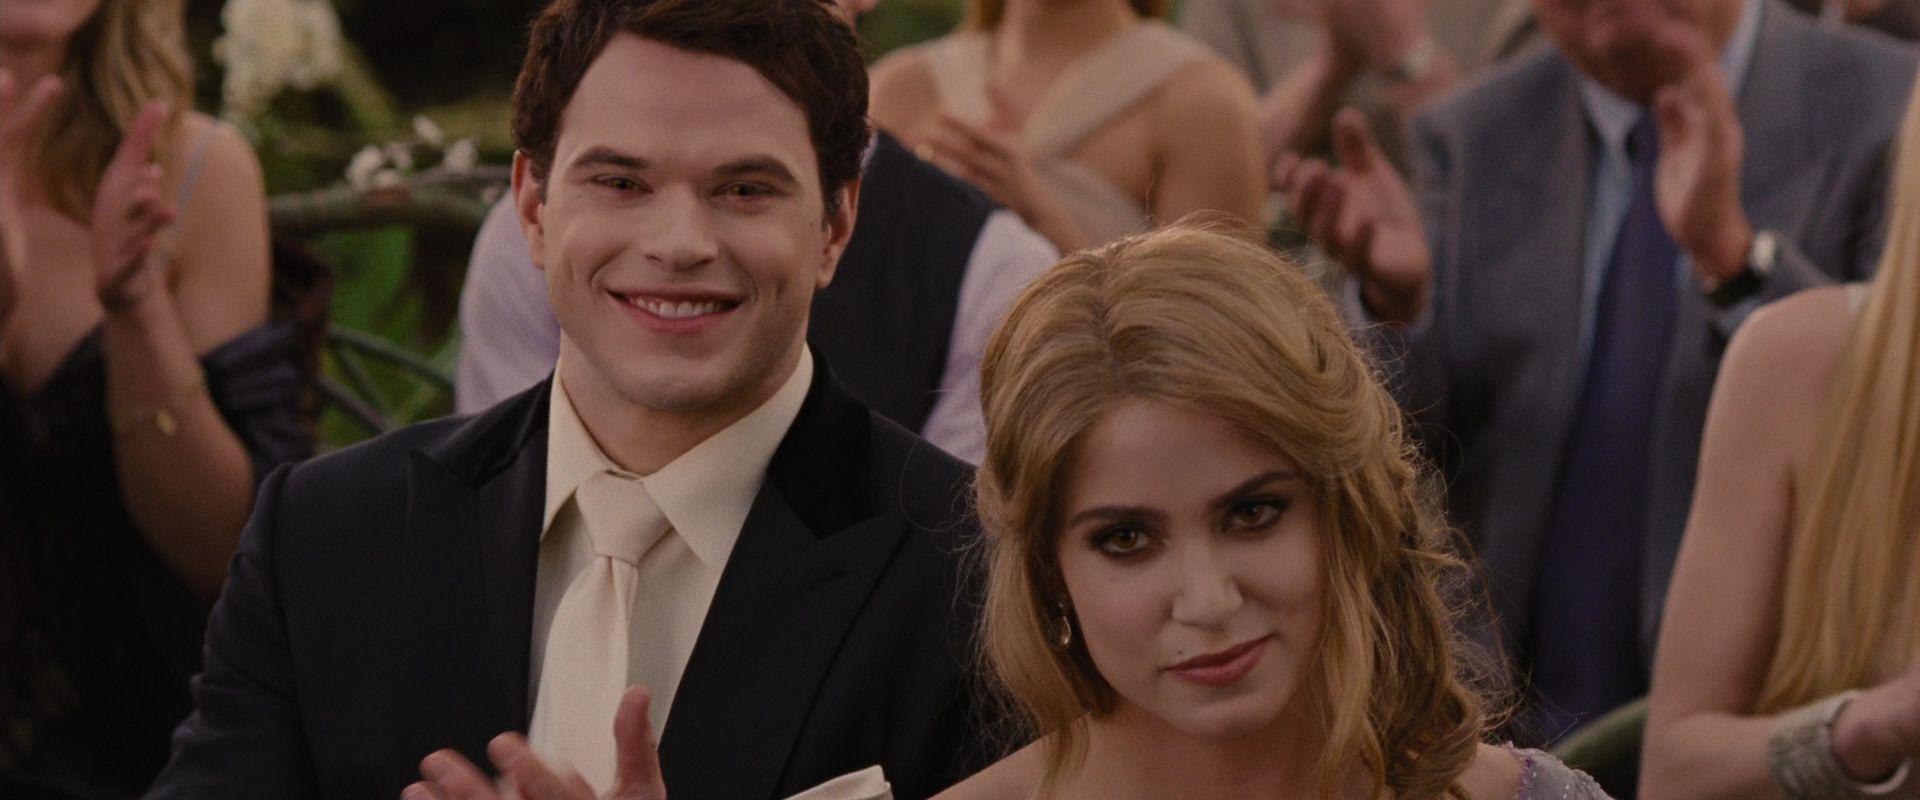 Emmett Cullen And Rosalie Hale Rosalie And Emmett Cullen